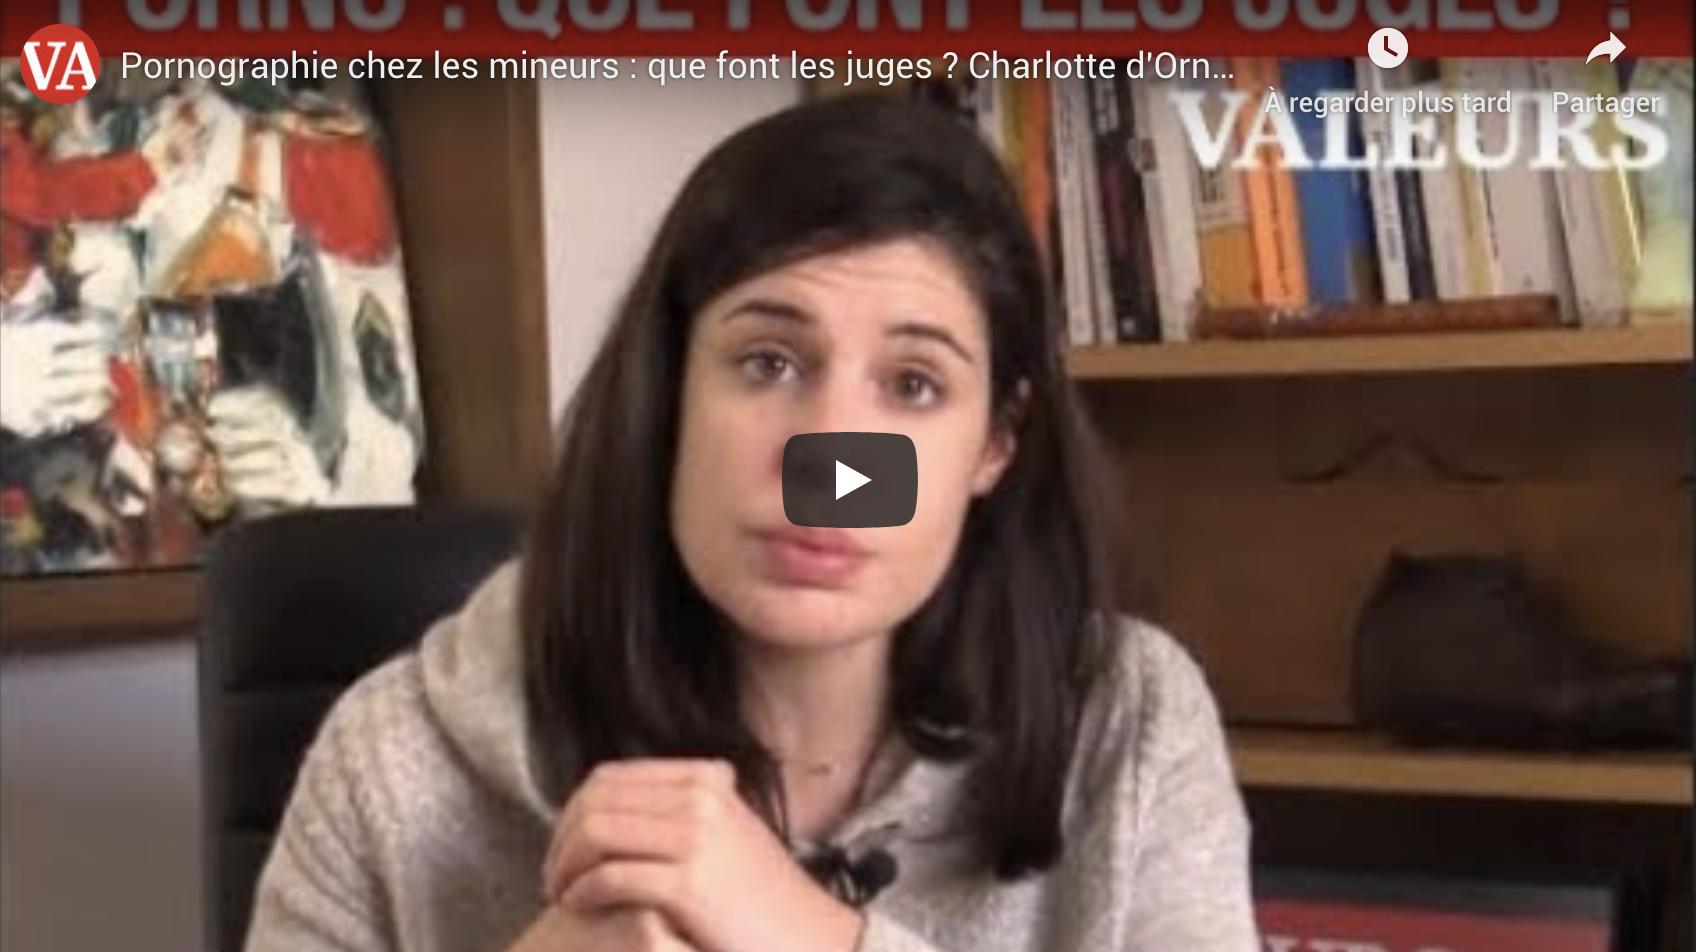 Pornographie chez les mineurs : que font les juges ? Charlotte d'Ornellas pose la question (VIDÉO)